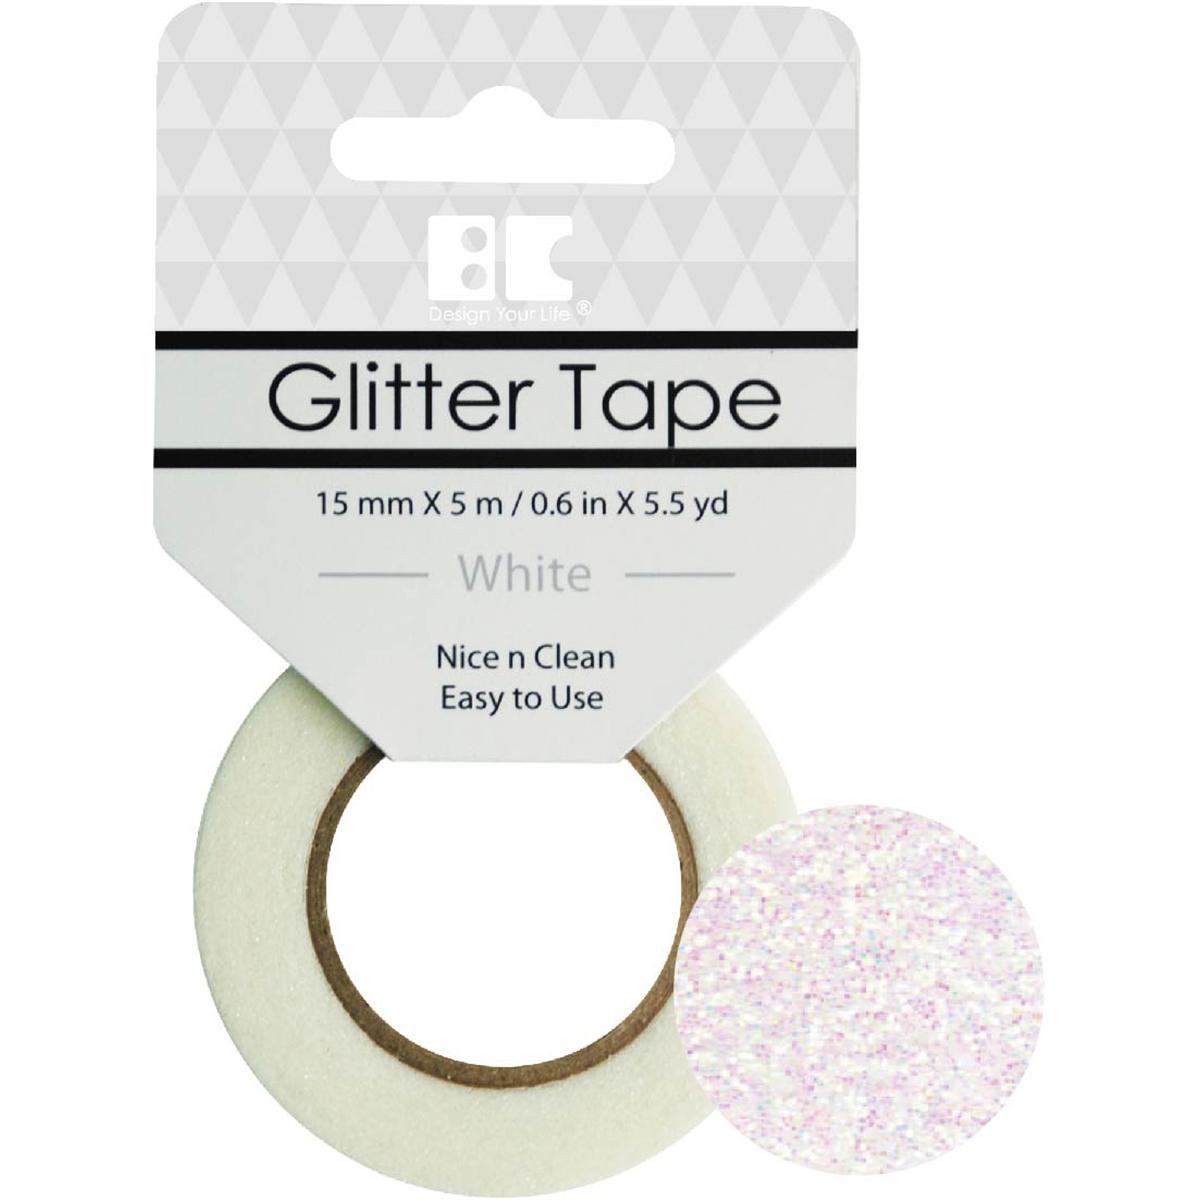 BC - White Glitter Tape, 15mm x 5m